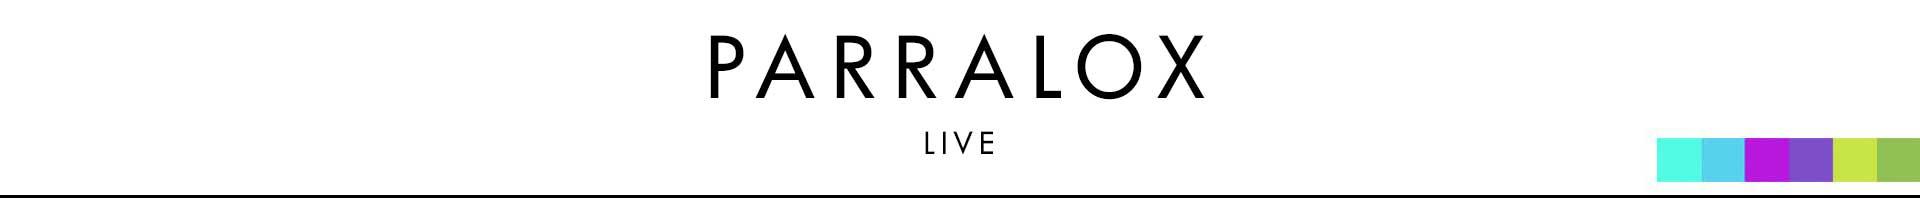 Parralox - Live